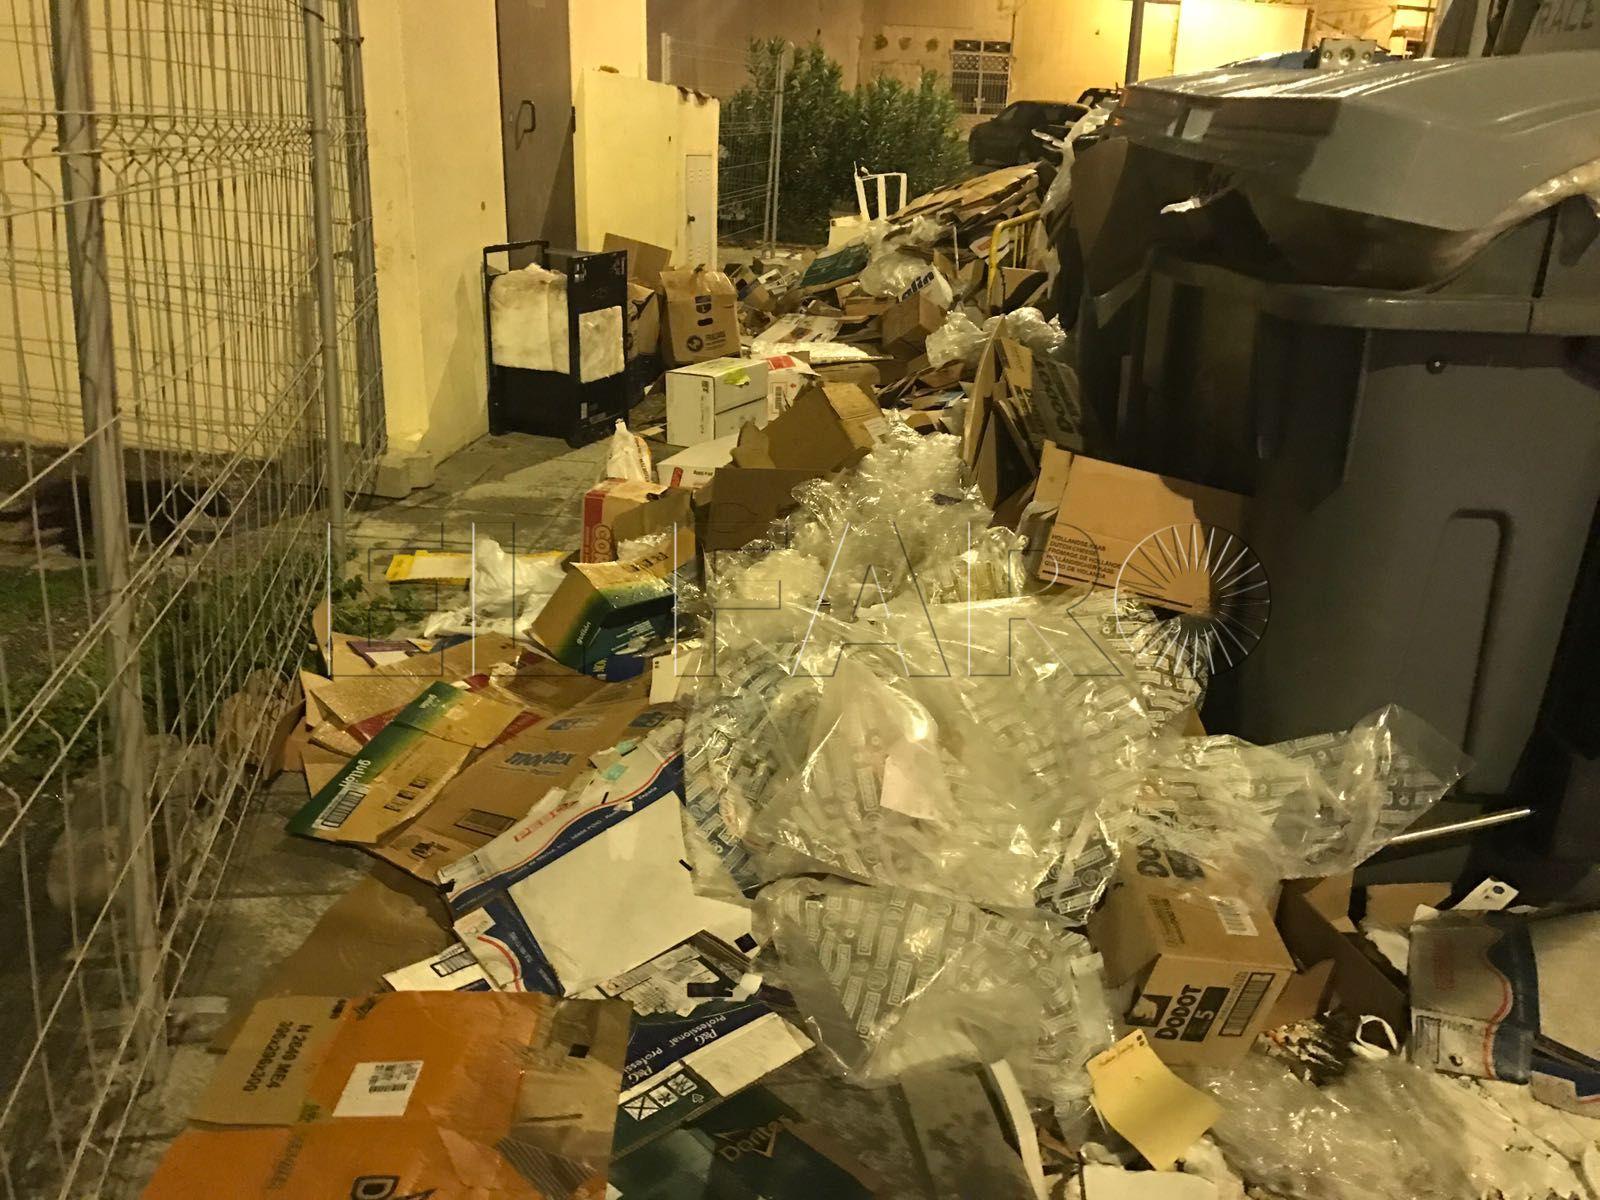 El Comité de Empresa de Trace asegura que Inspección de Trabajo exige una solución para que no se deposite basura en el suelo